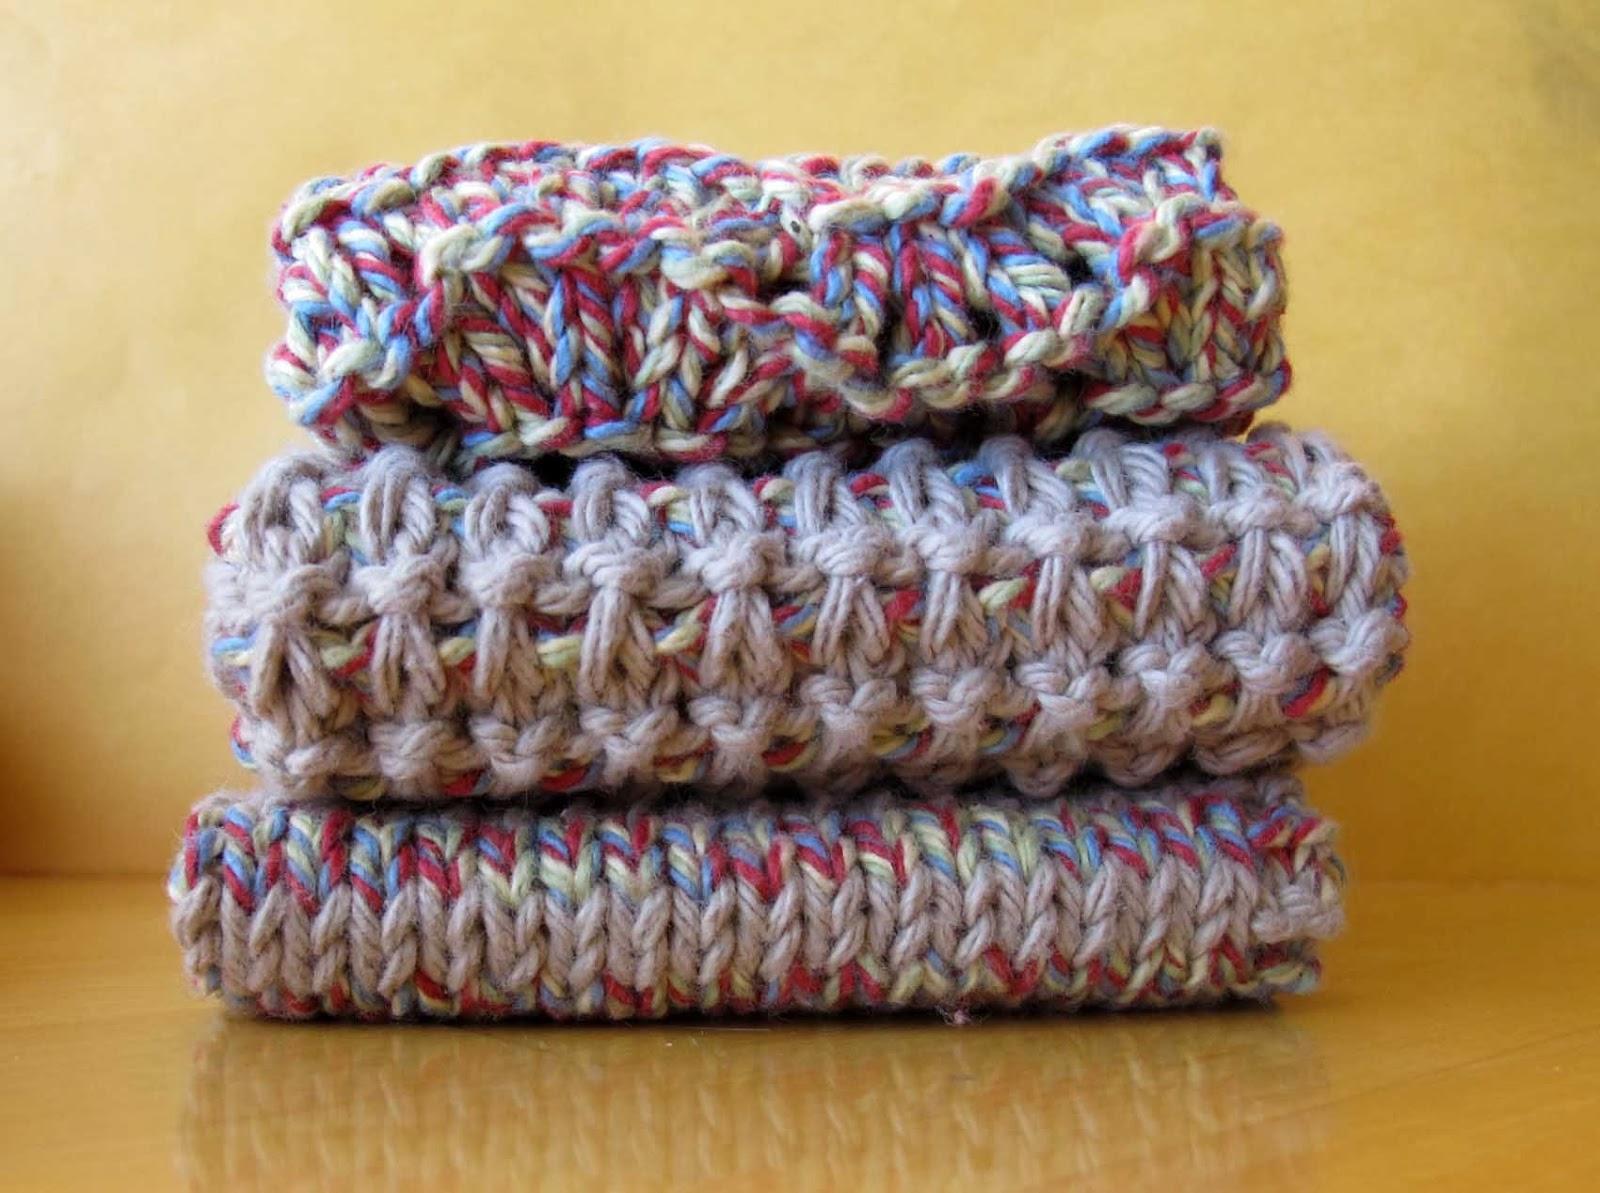 Knitting Journal Char Loving : T matthews fine art knitting journal washcloths for mom